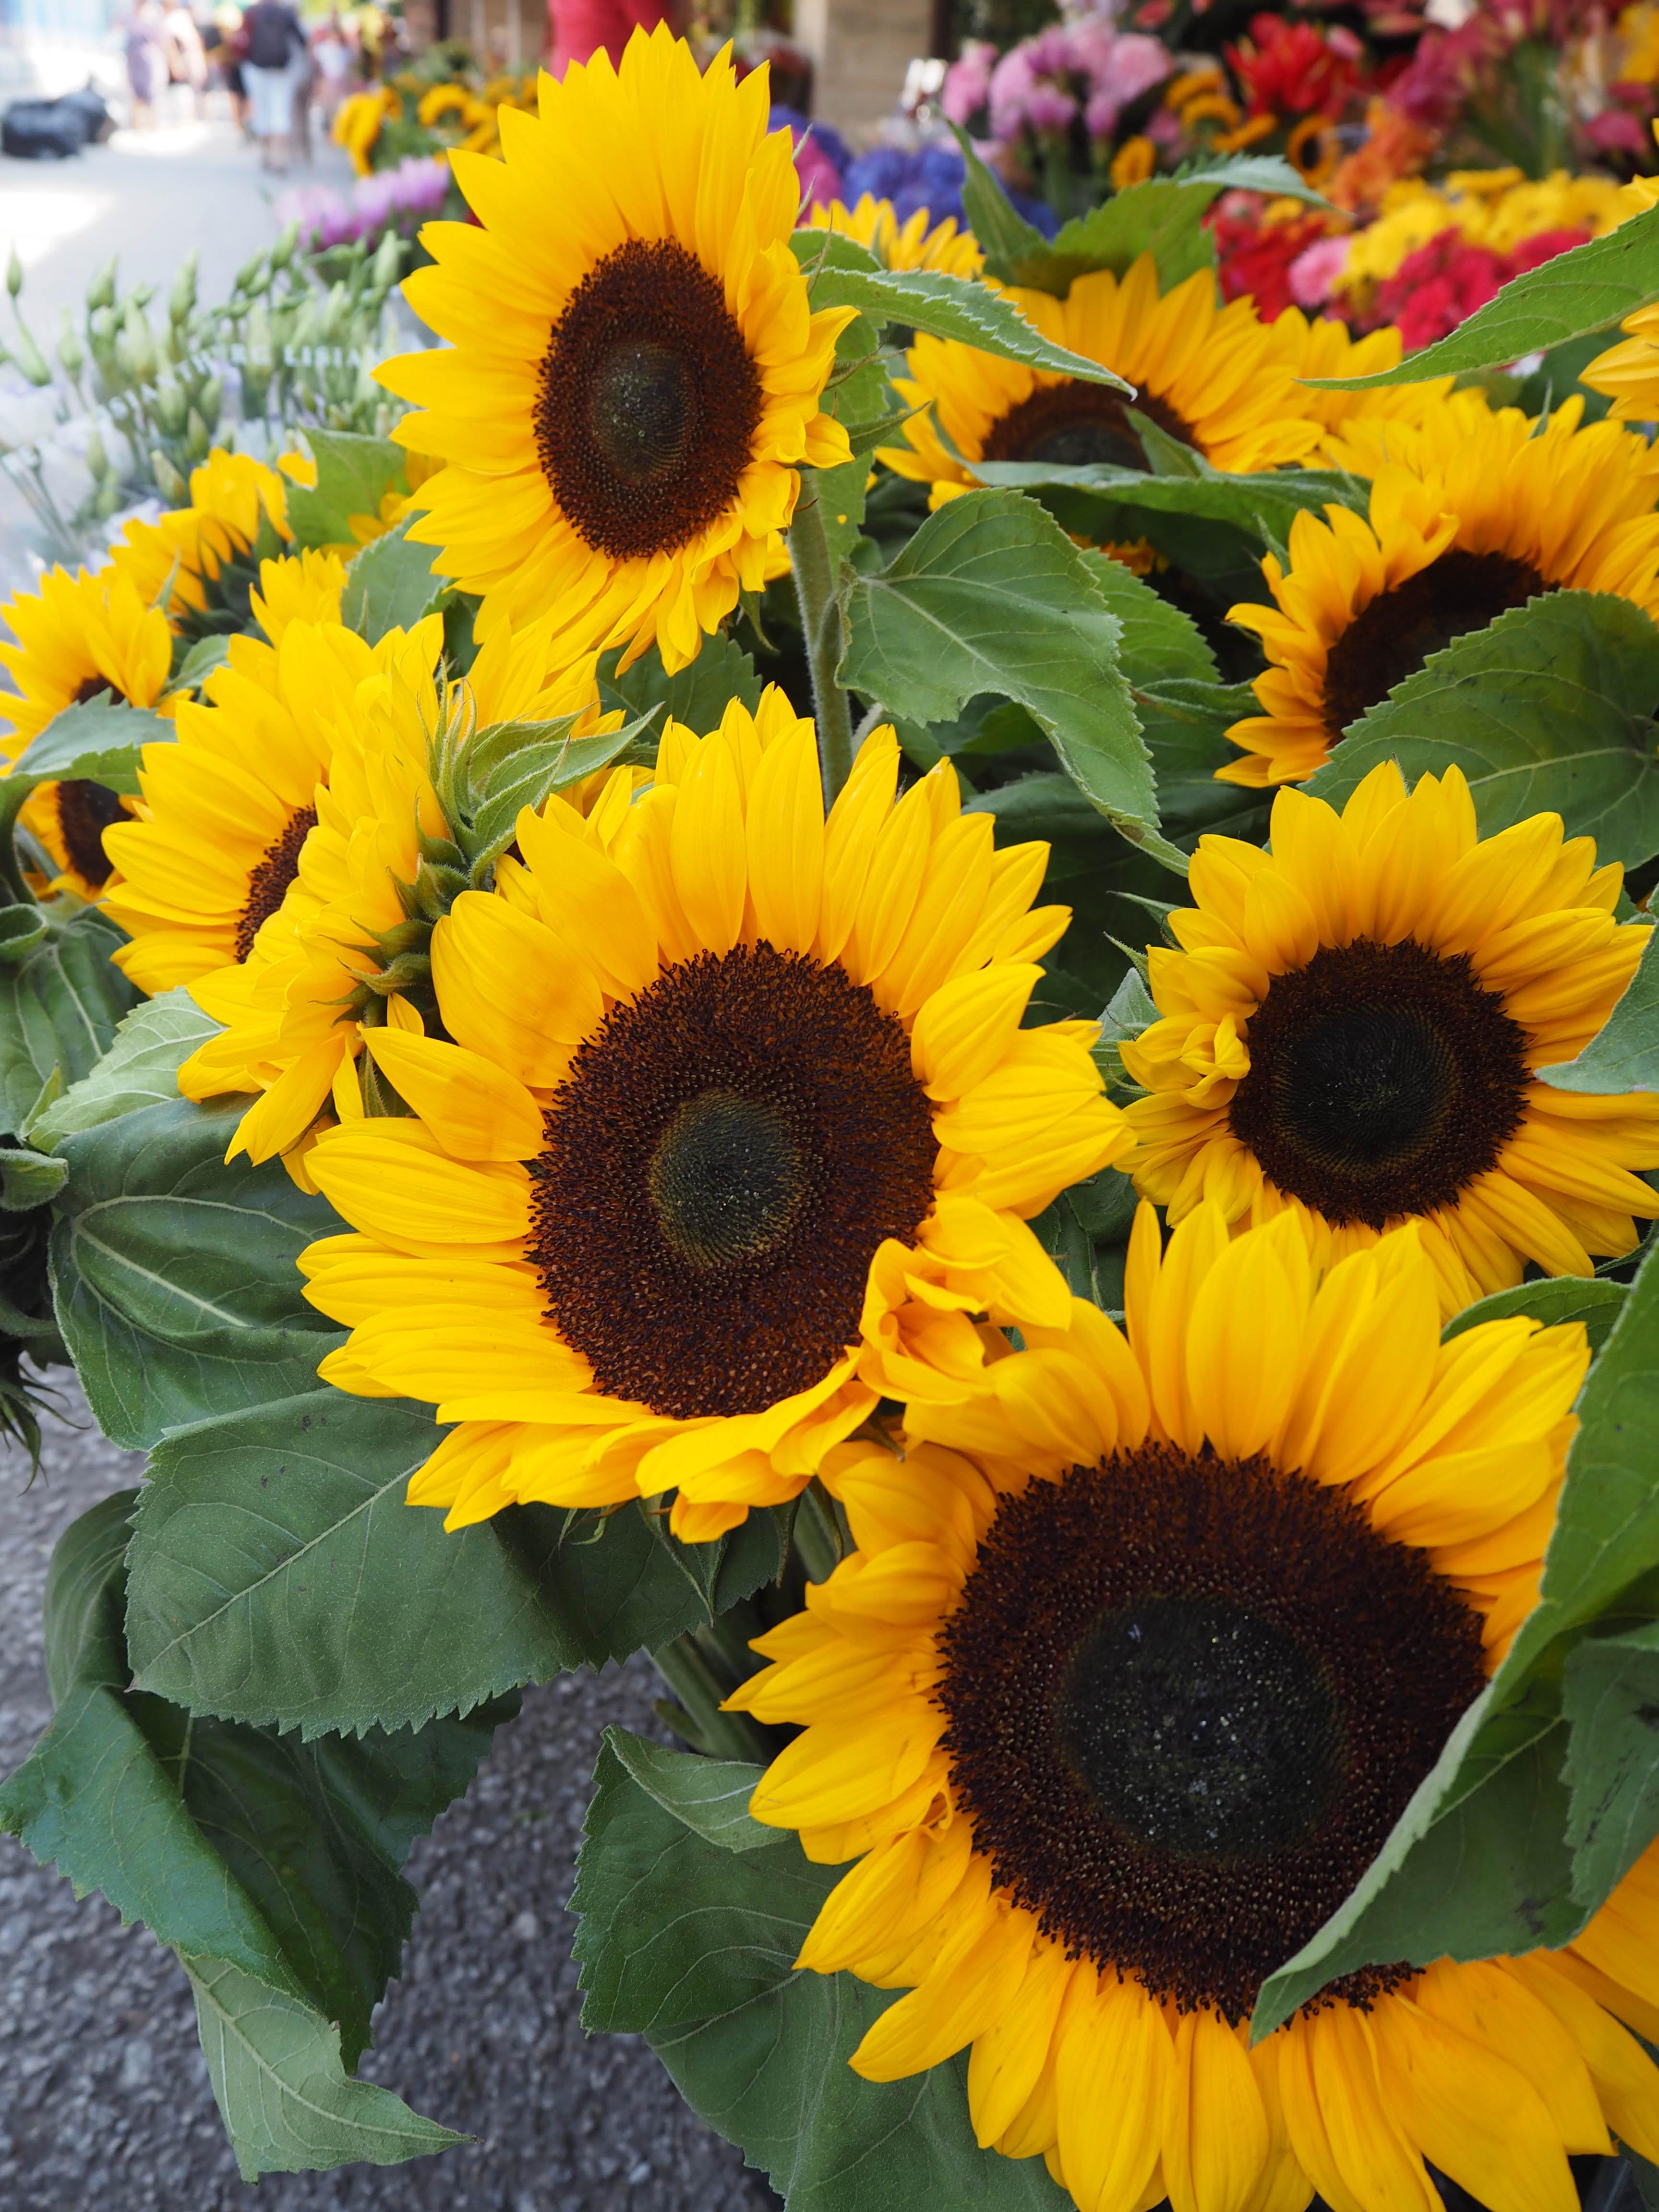 flowermarketTallinn16 (7 of 17)